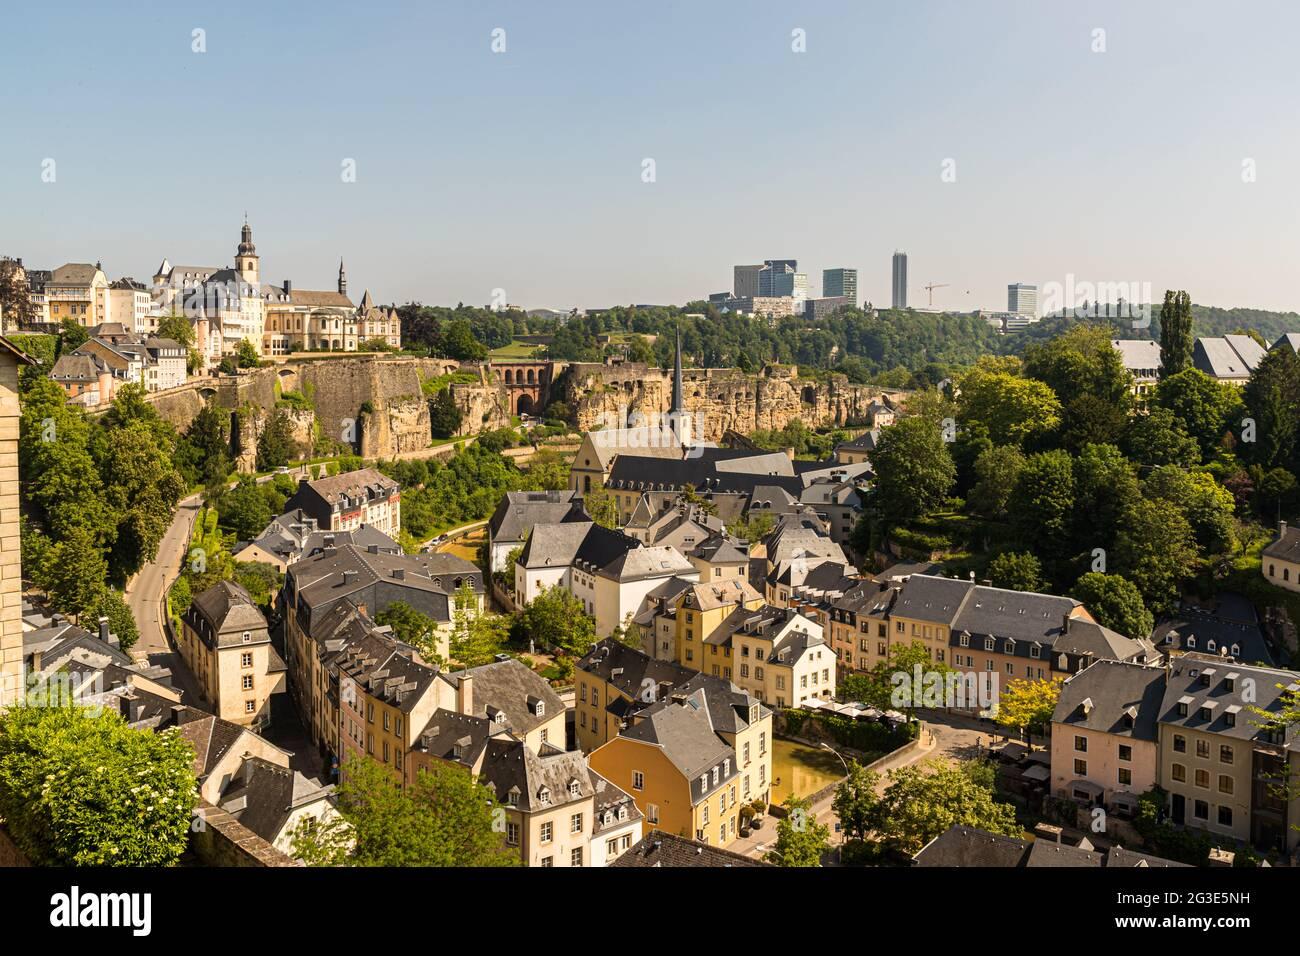 Vue depuis le mur de la ville de Luxembourg jusqu'au quartier inférieur de Grund, au bord de l'Alzette. En arrière-plan, la ligne d'horizon moderne sur le plateau de Kirchberg Banque D'Images